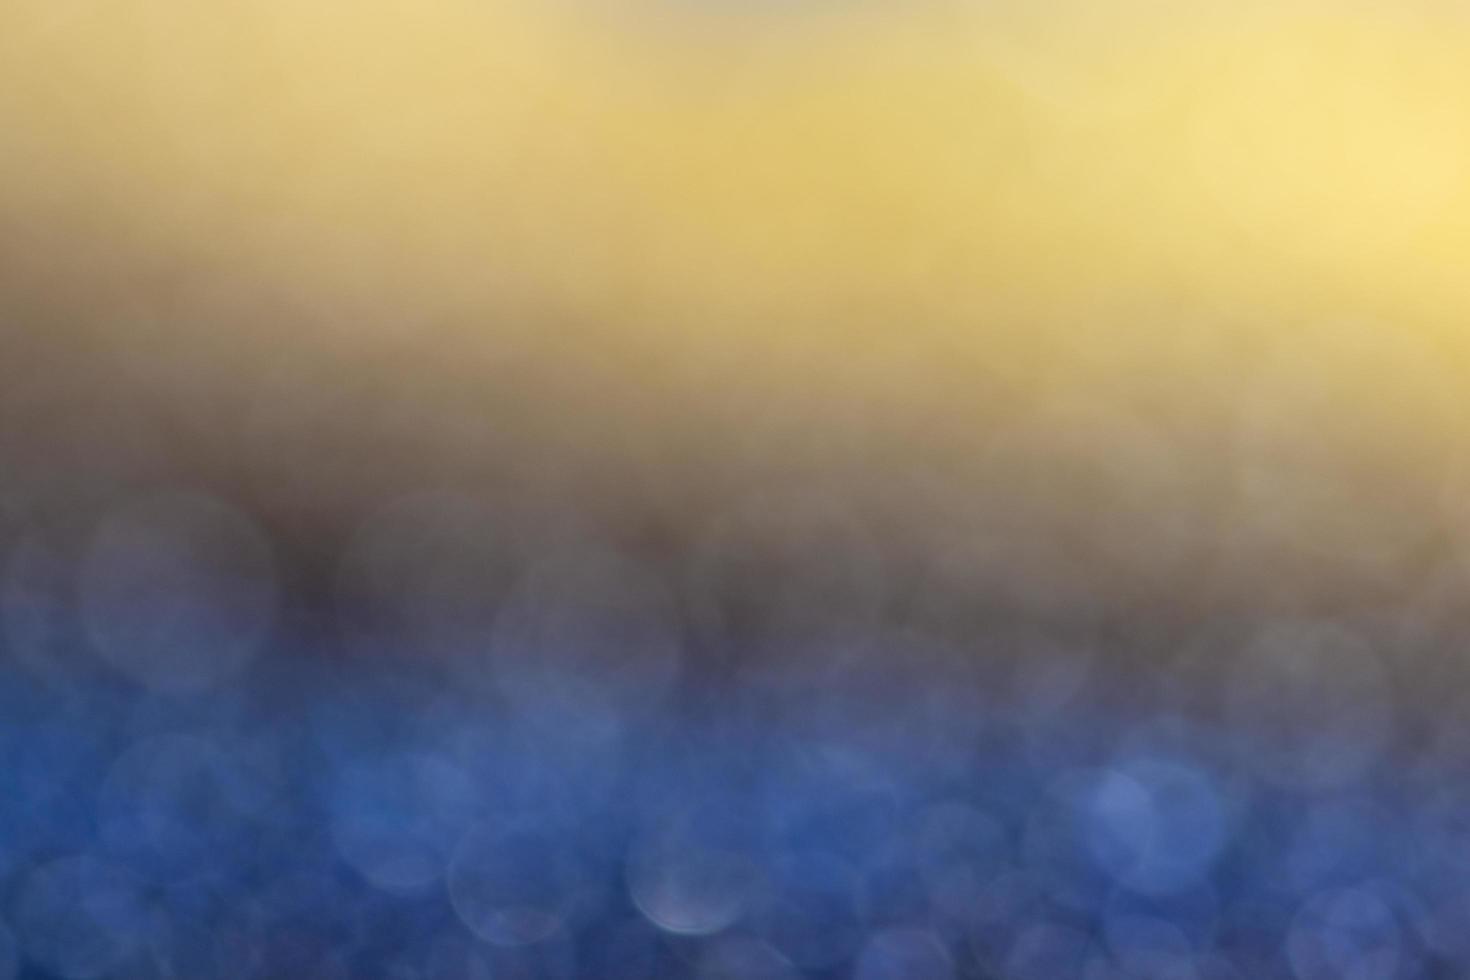 colorido fondo borroso bokeh foto